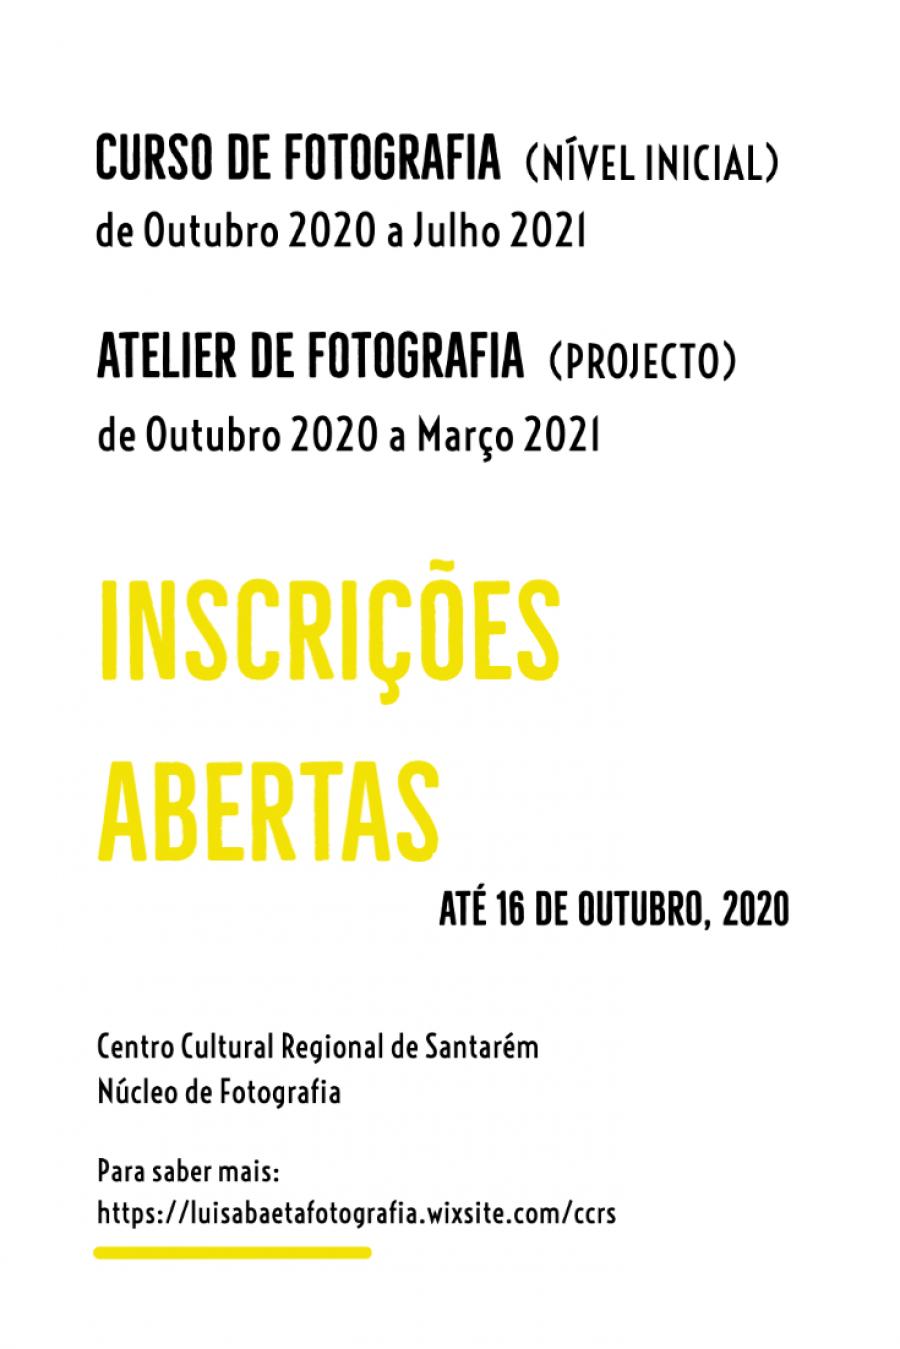 Curso e Atelier de Fotografia no CCRS